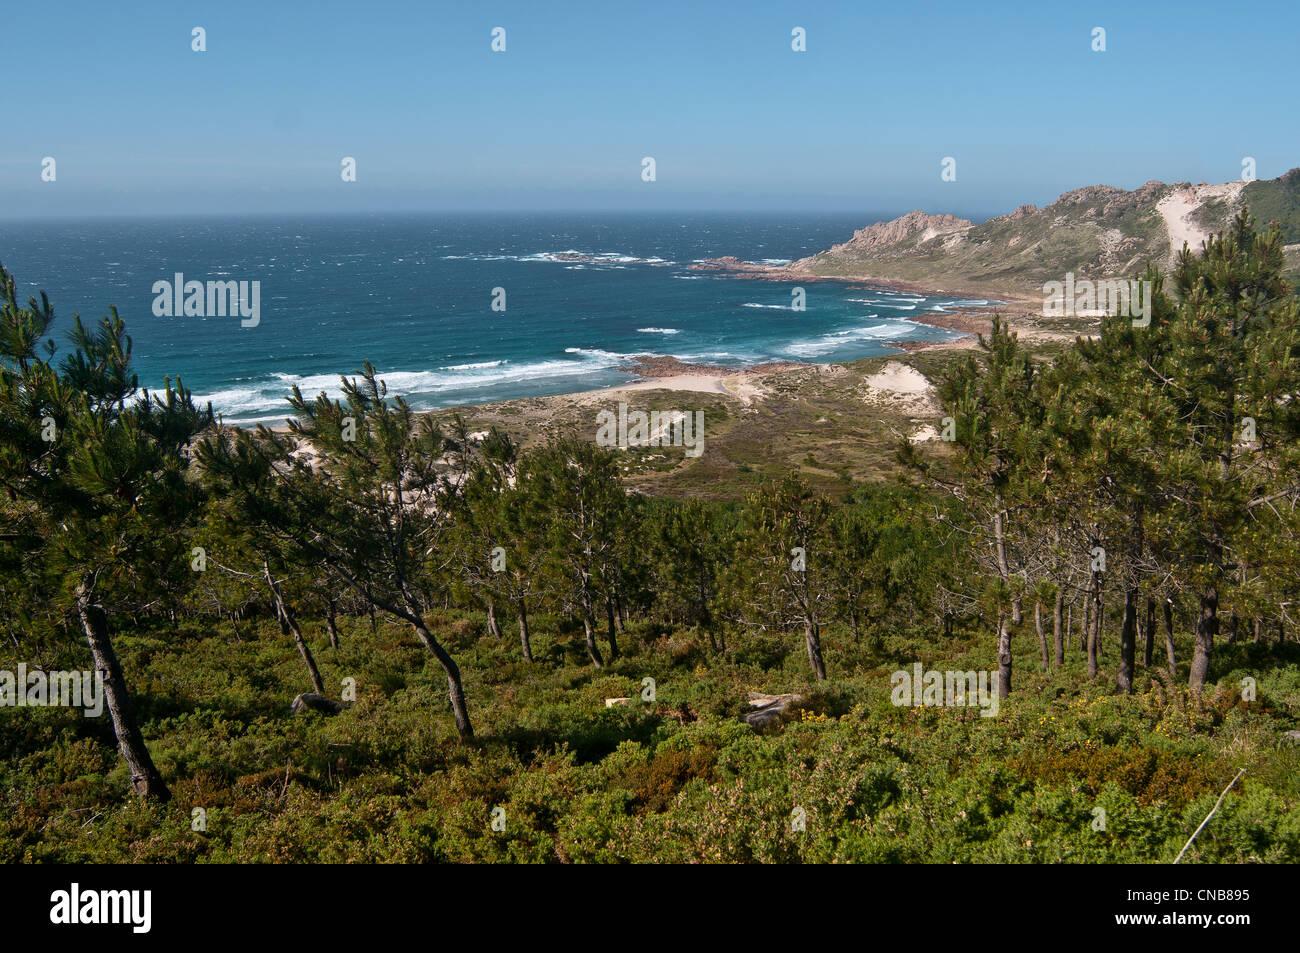 España, Galicia, costera, Veo muertos Cabo, Playa (Área) de trece Imagen De Stock